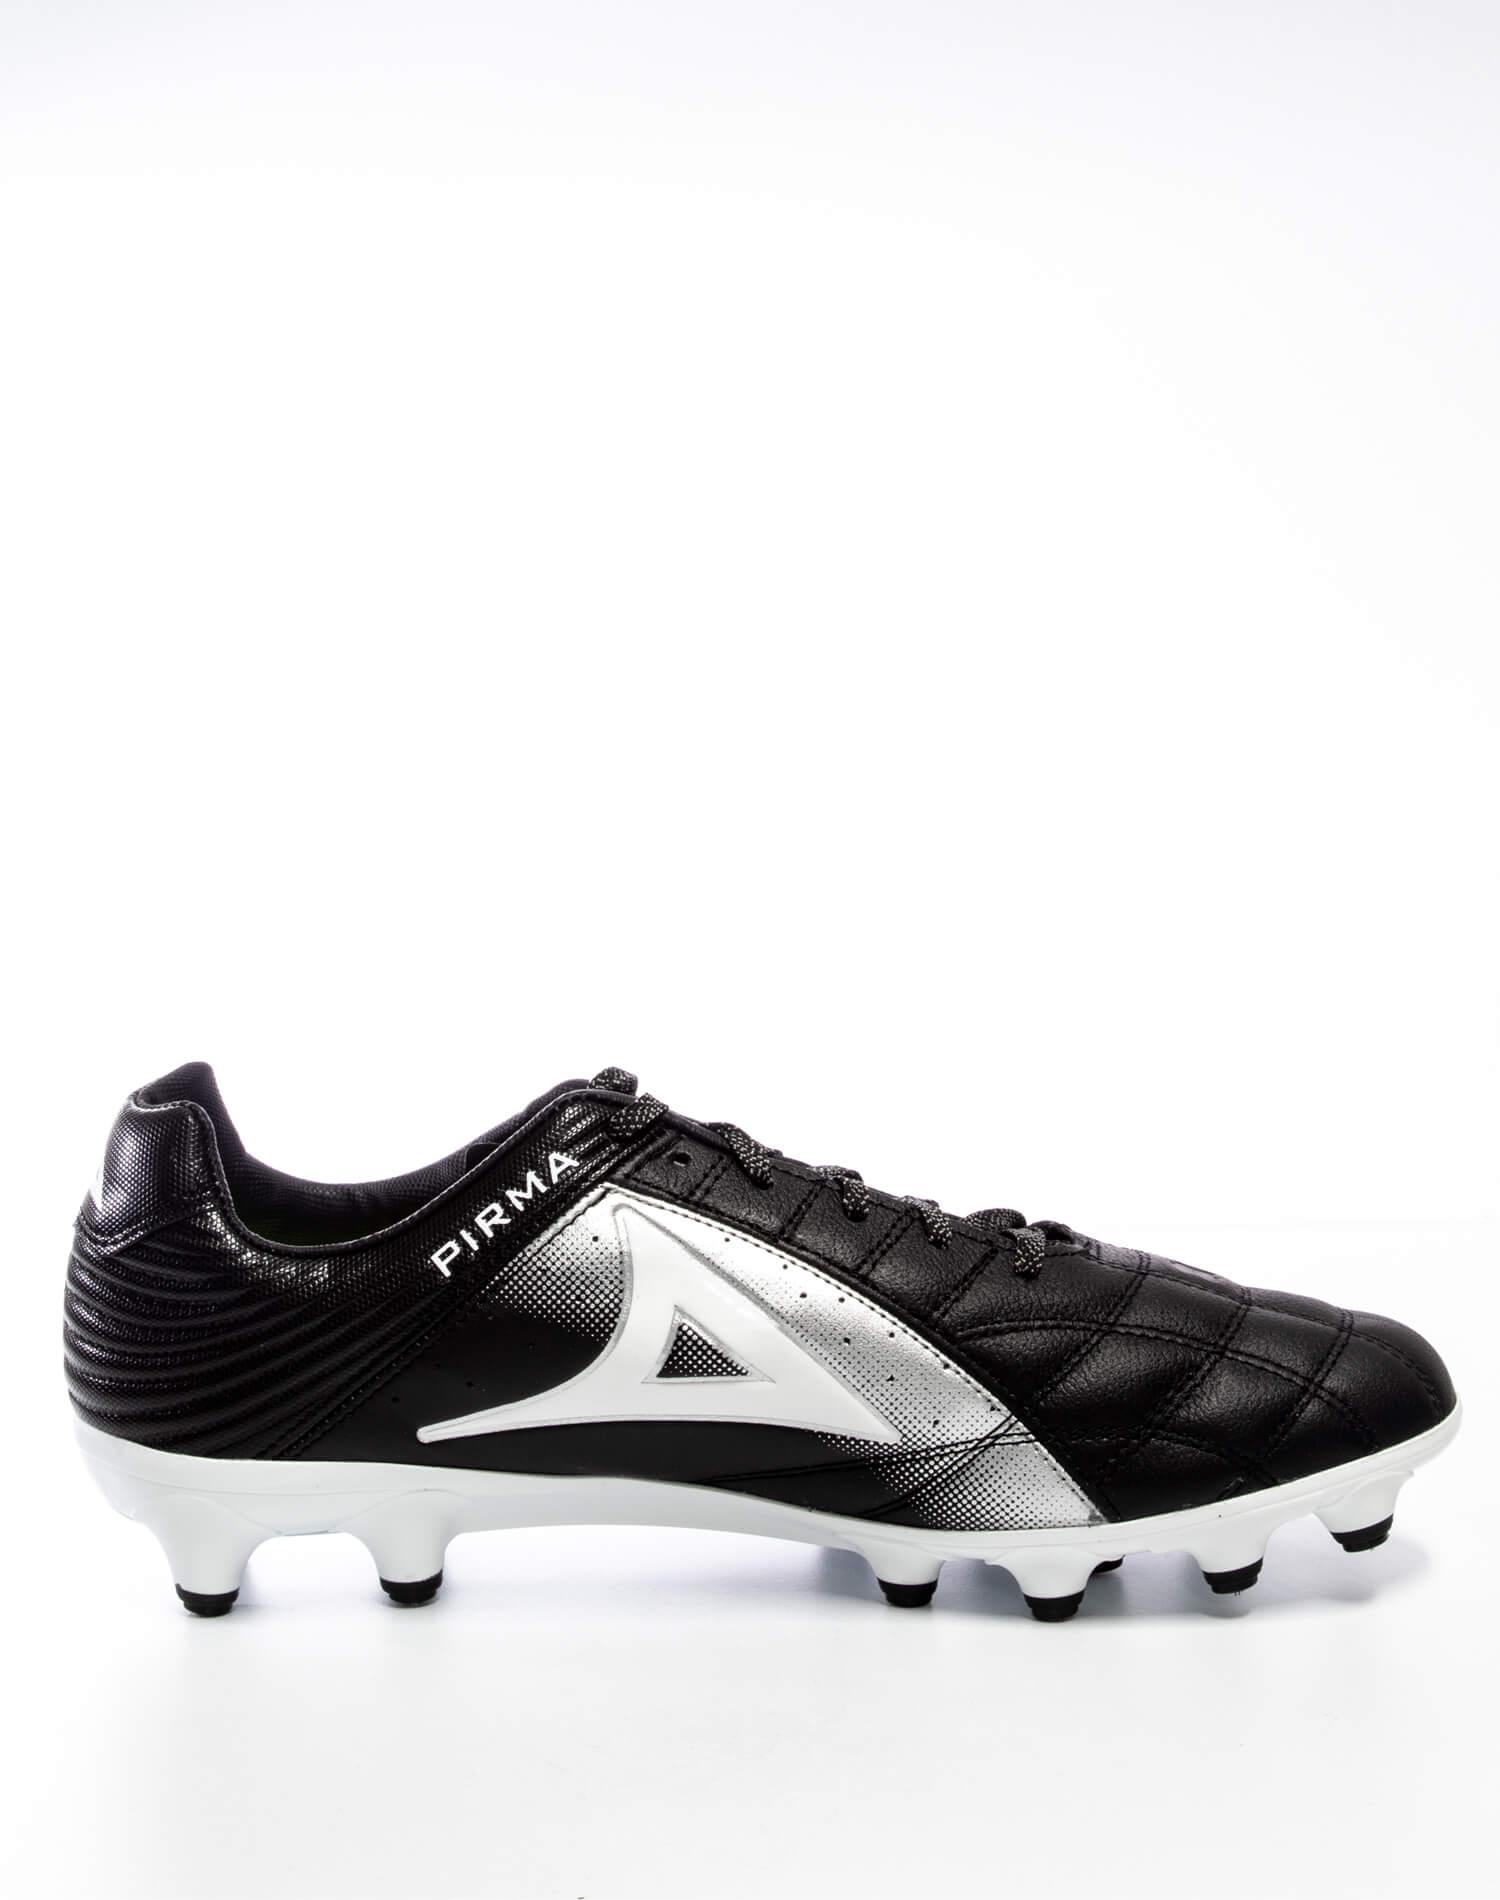 23f2975c1735c Pirma Brasil Covenant Modelo 3006 Piel Negro – Blanco – Golero Sport